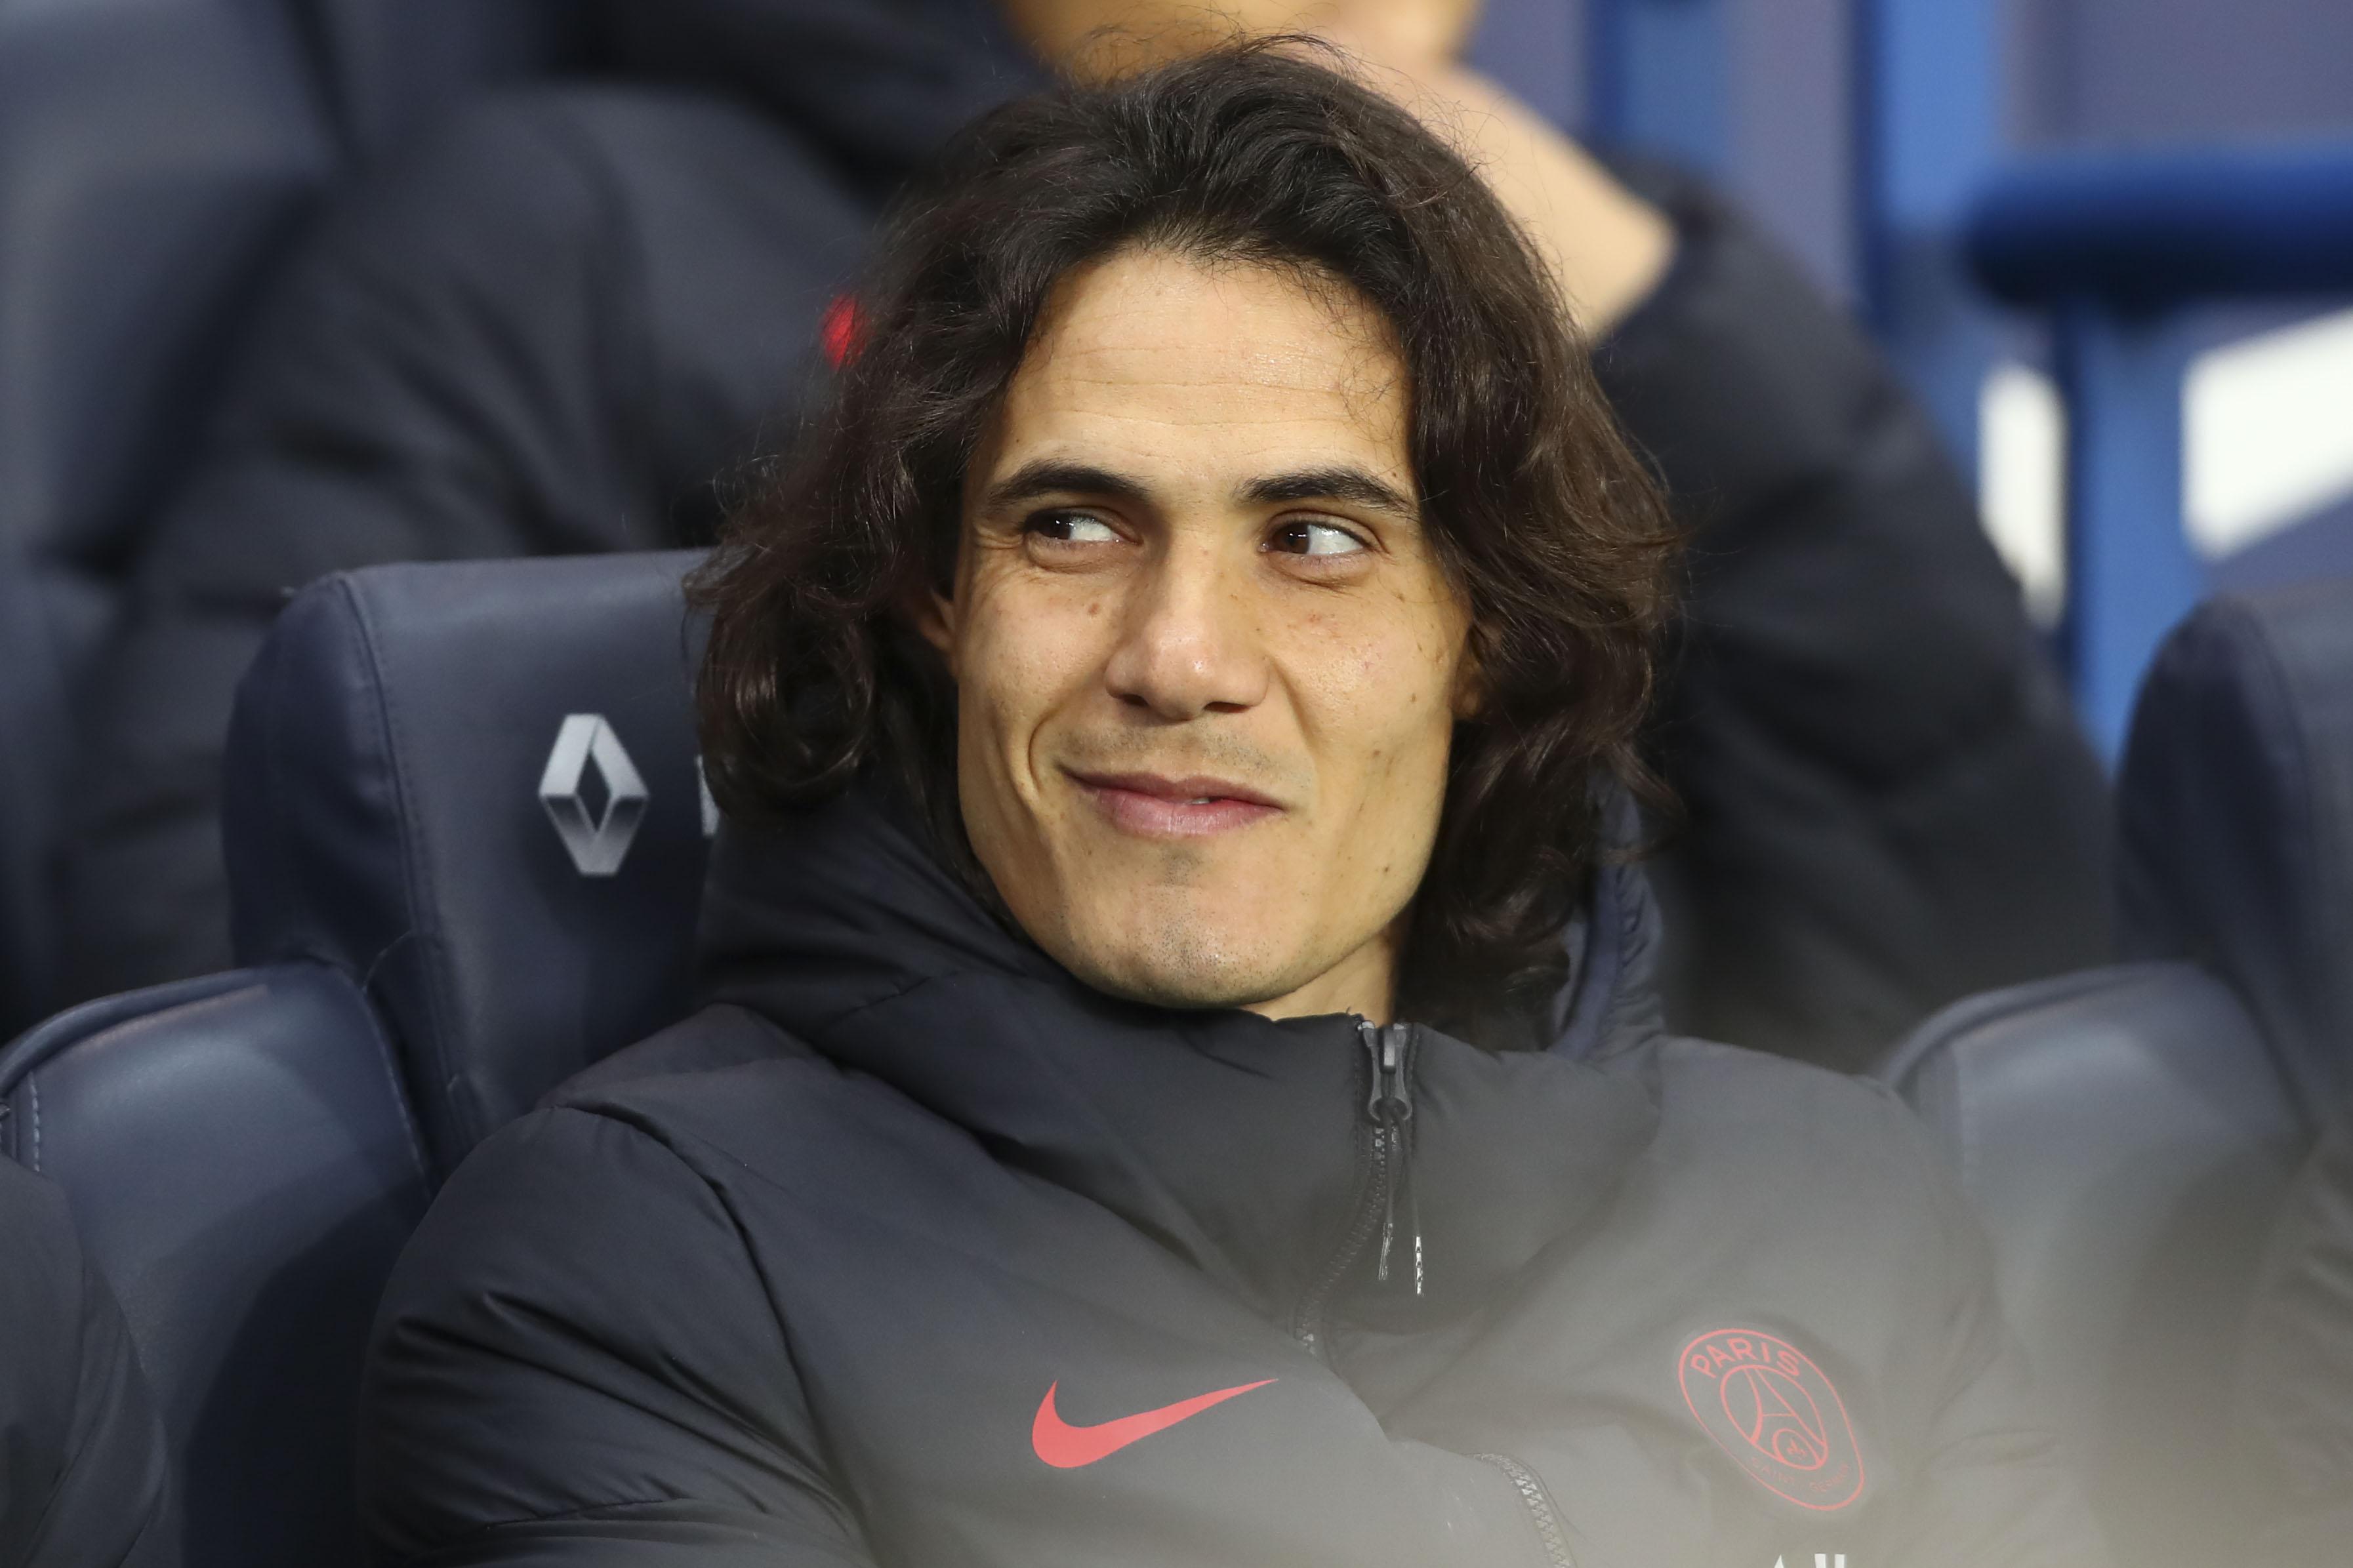 Le mercato en direct : l'Atlético Madrid fait le forcing pour Cavani, mais...